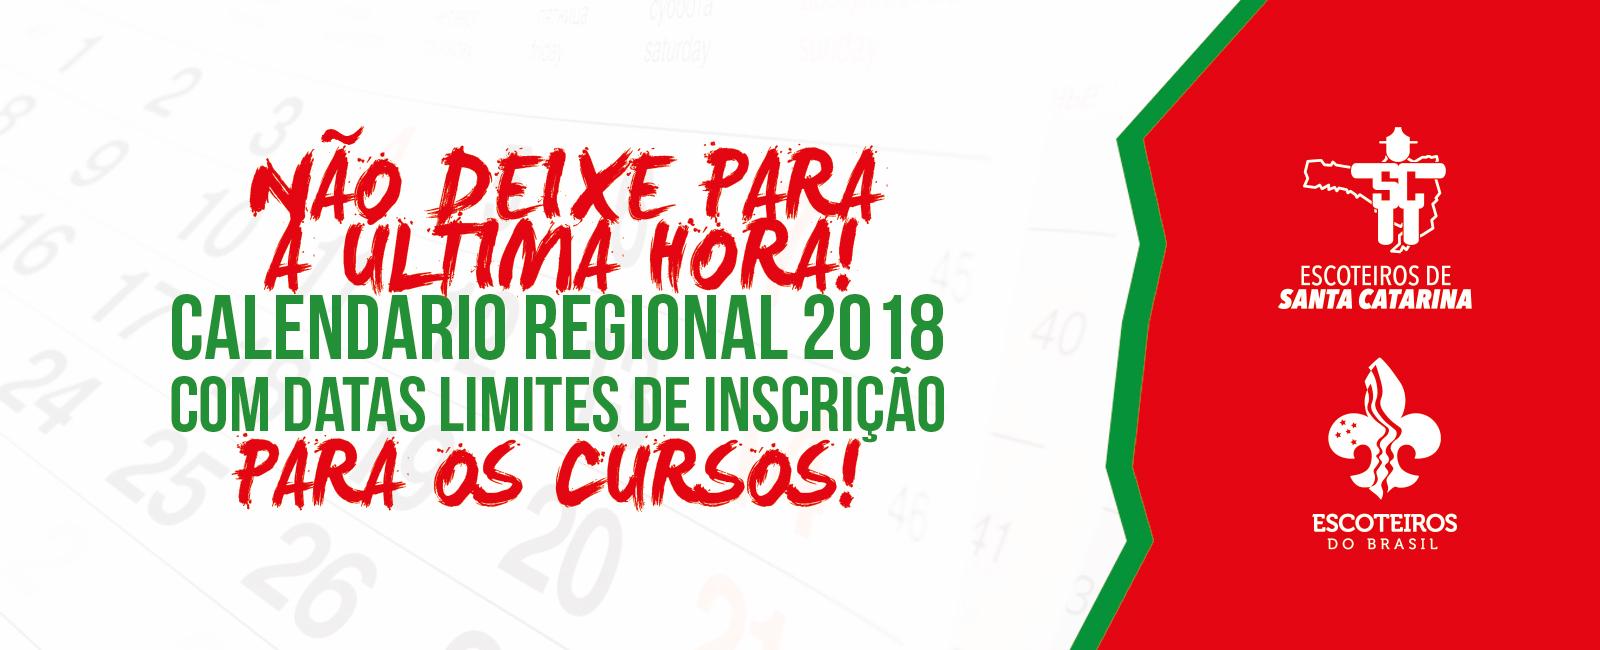 Calendário Regional 2018 com datas limite de inscrição